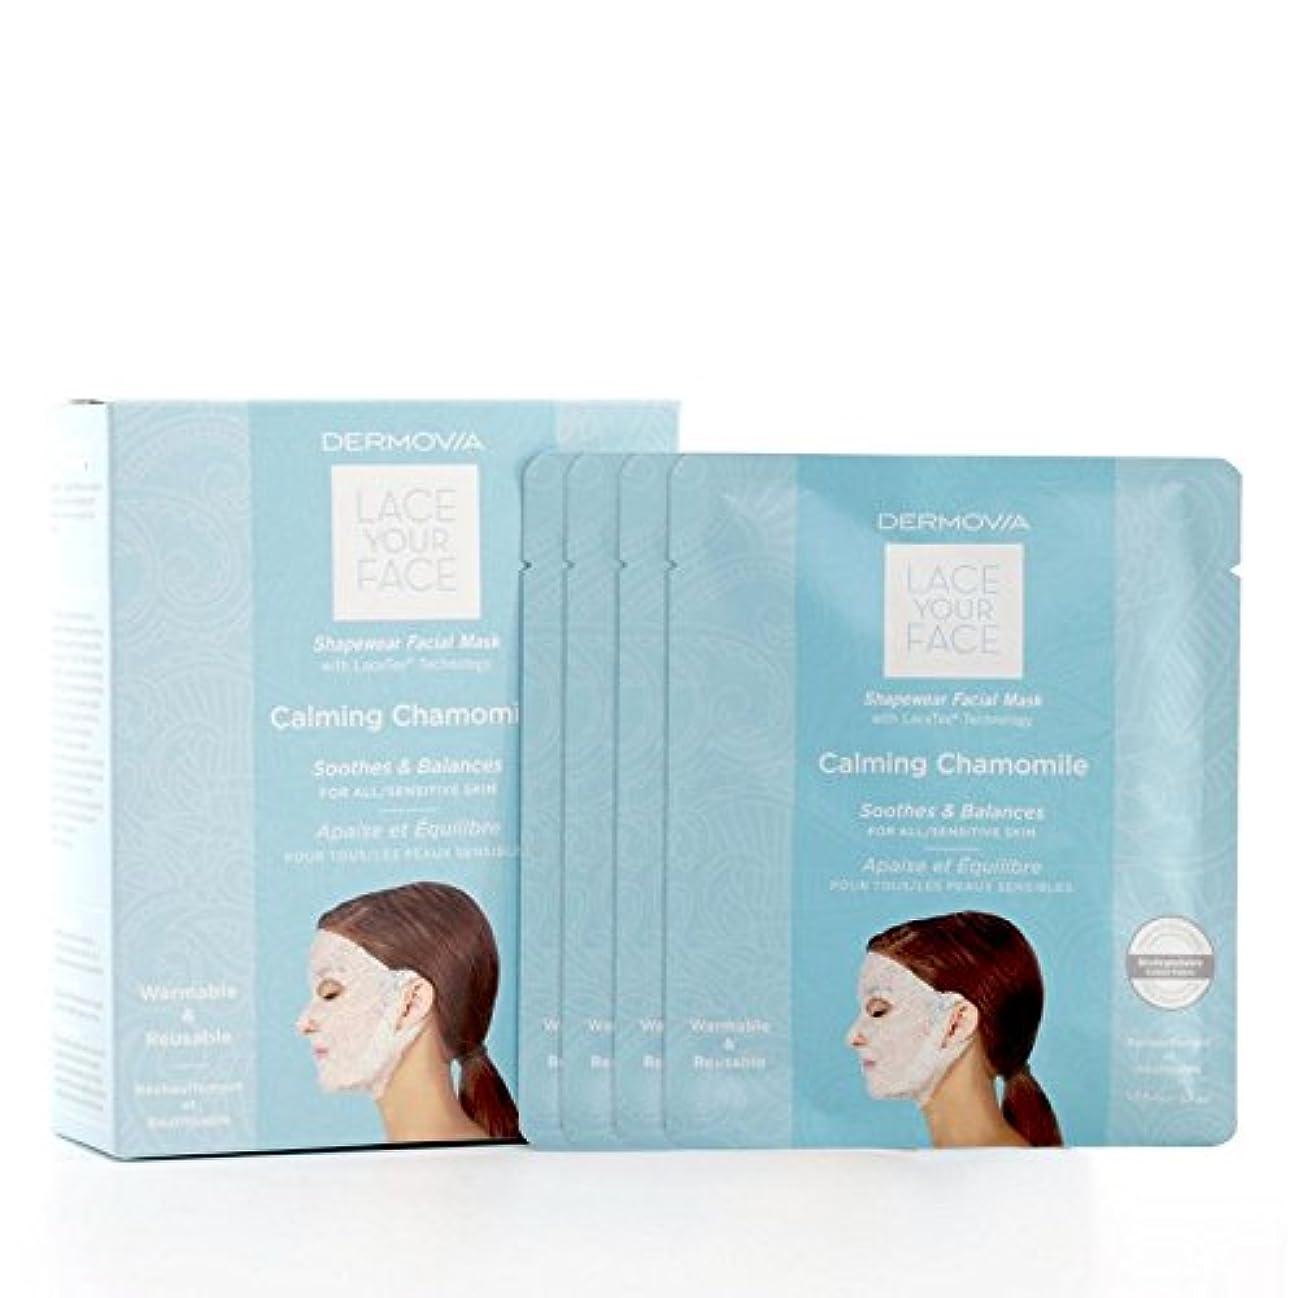 触覚火曜日和解するは、あなたの顔の圧縮フェイシャルマスク心を落ち着かせるカモミールをひもで締めます x2 - Dermovia Lace Your Face Compression Facial Mask Calming Chamomile...